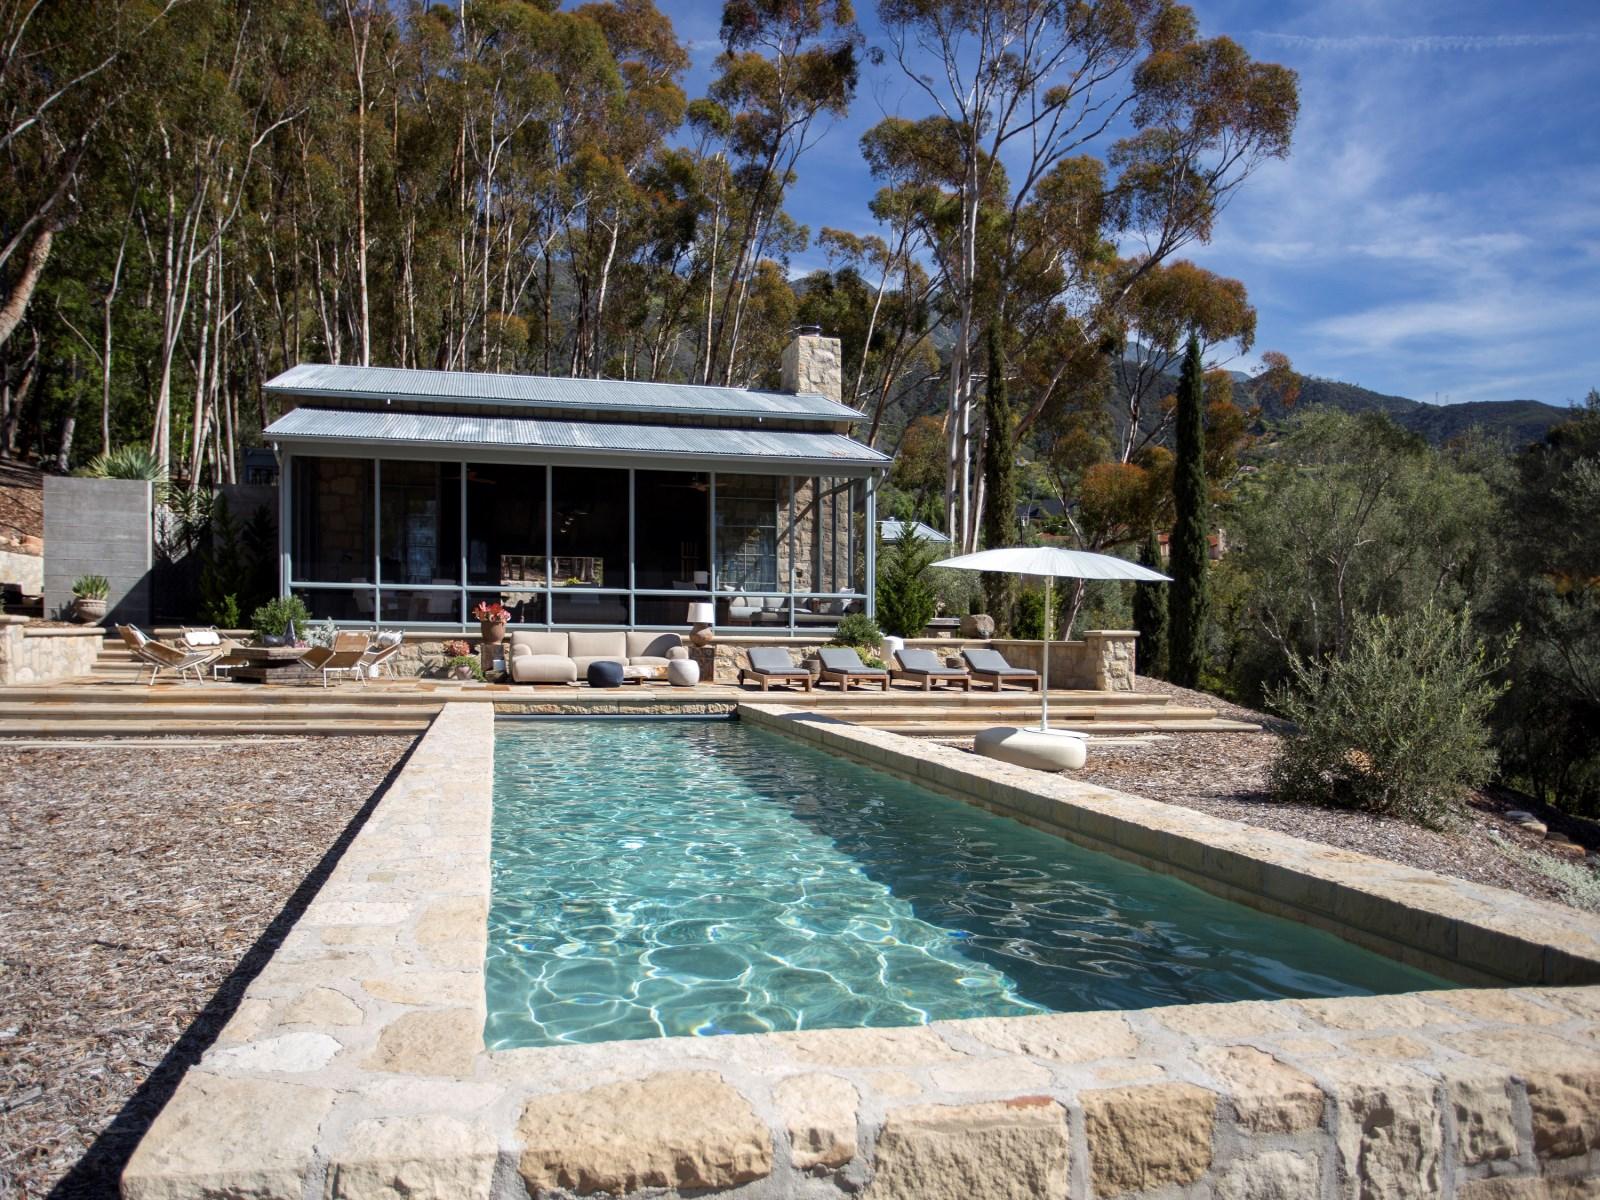 La villa cuenta con varias bibliotecas, una sala multimedia y una cocina gourmet